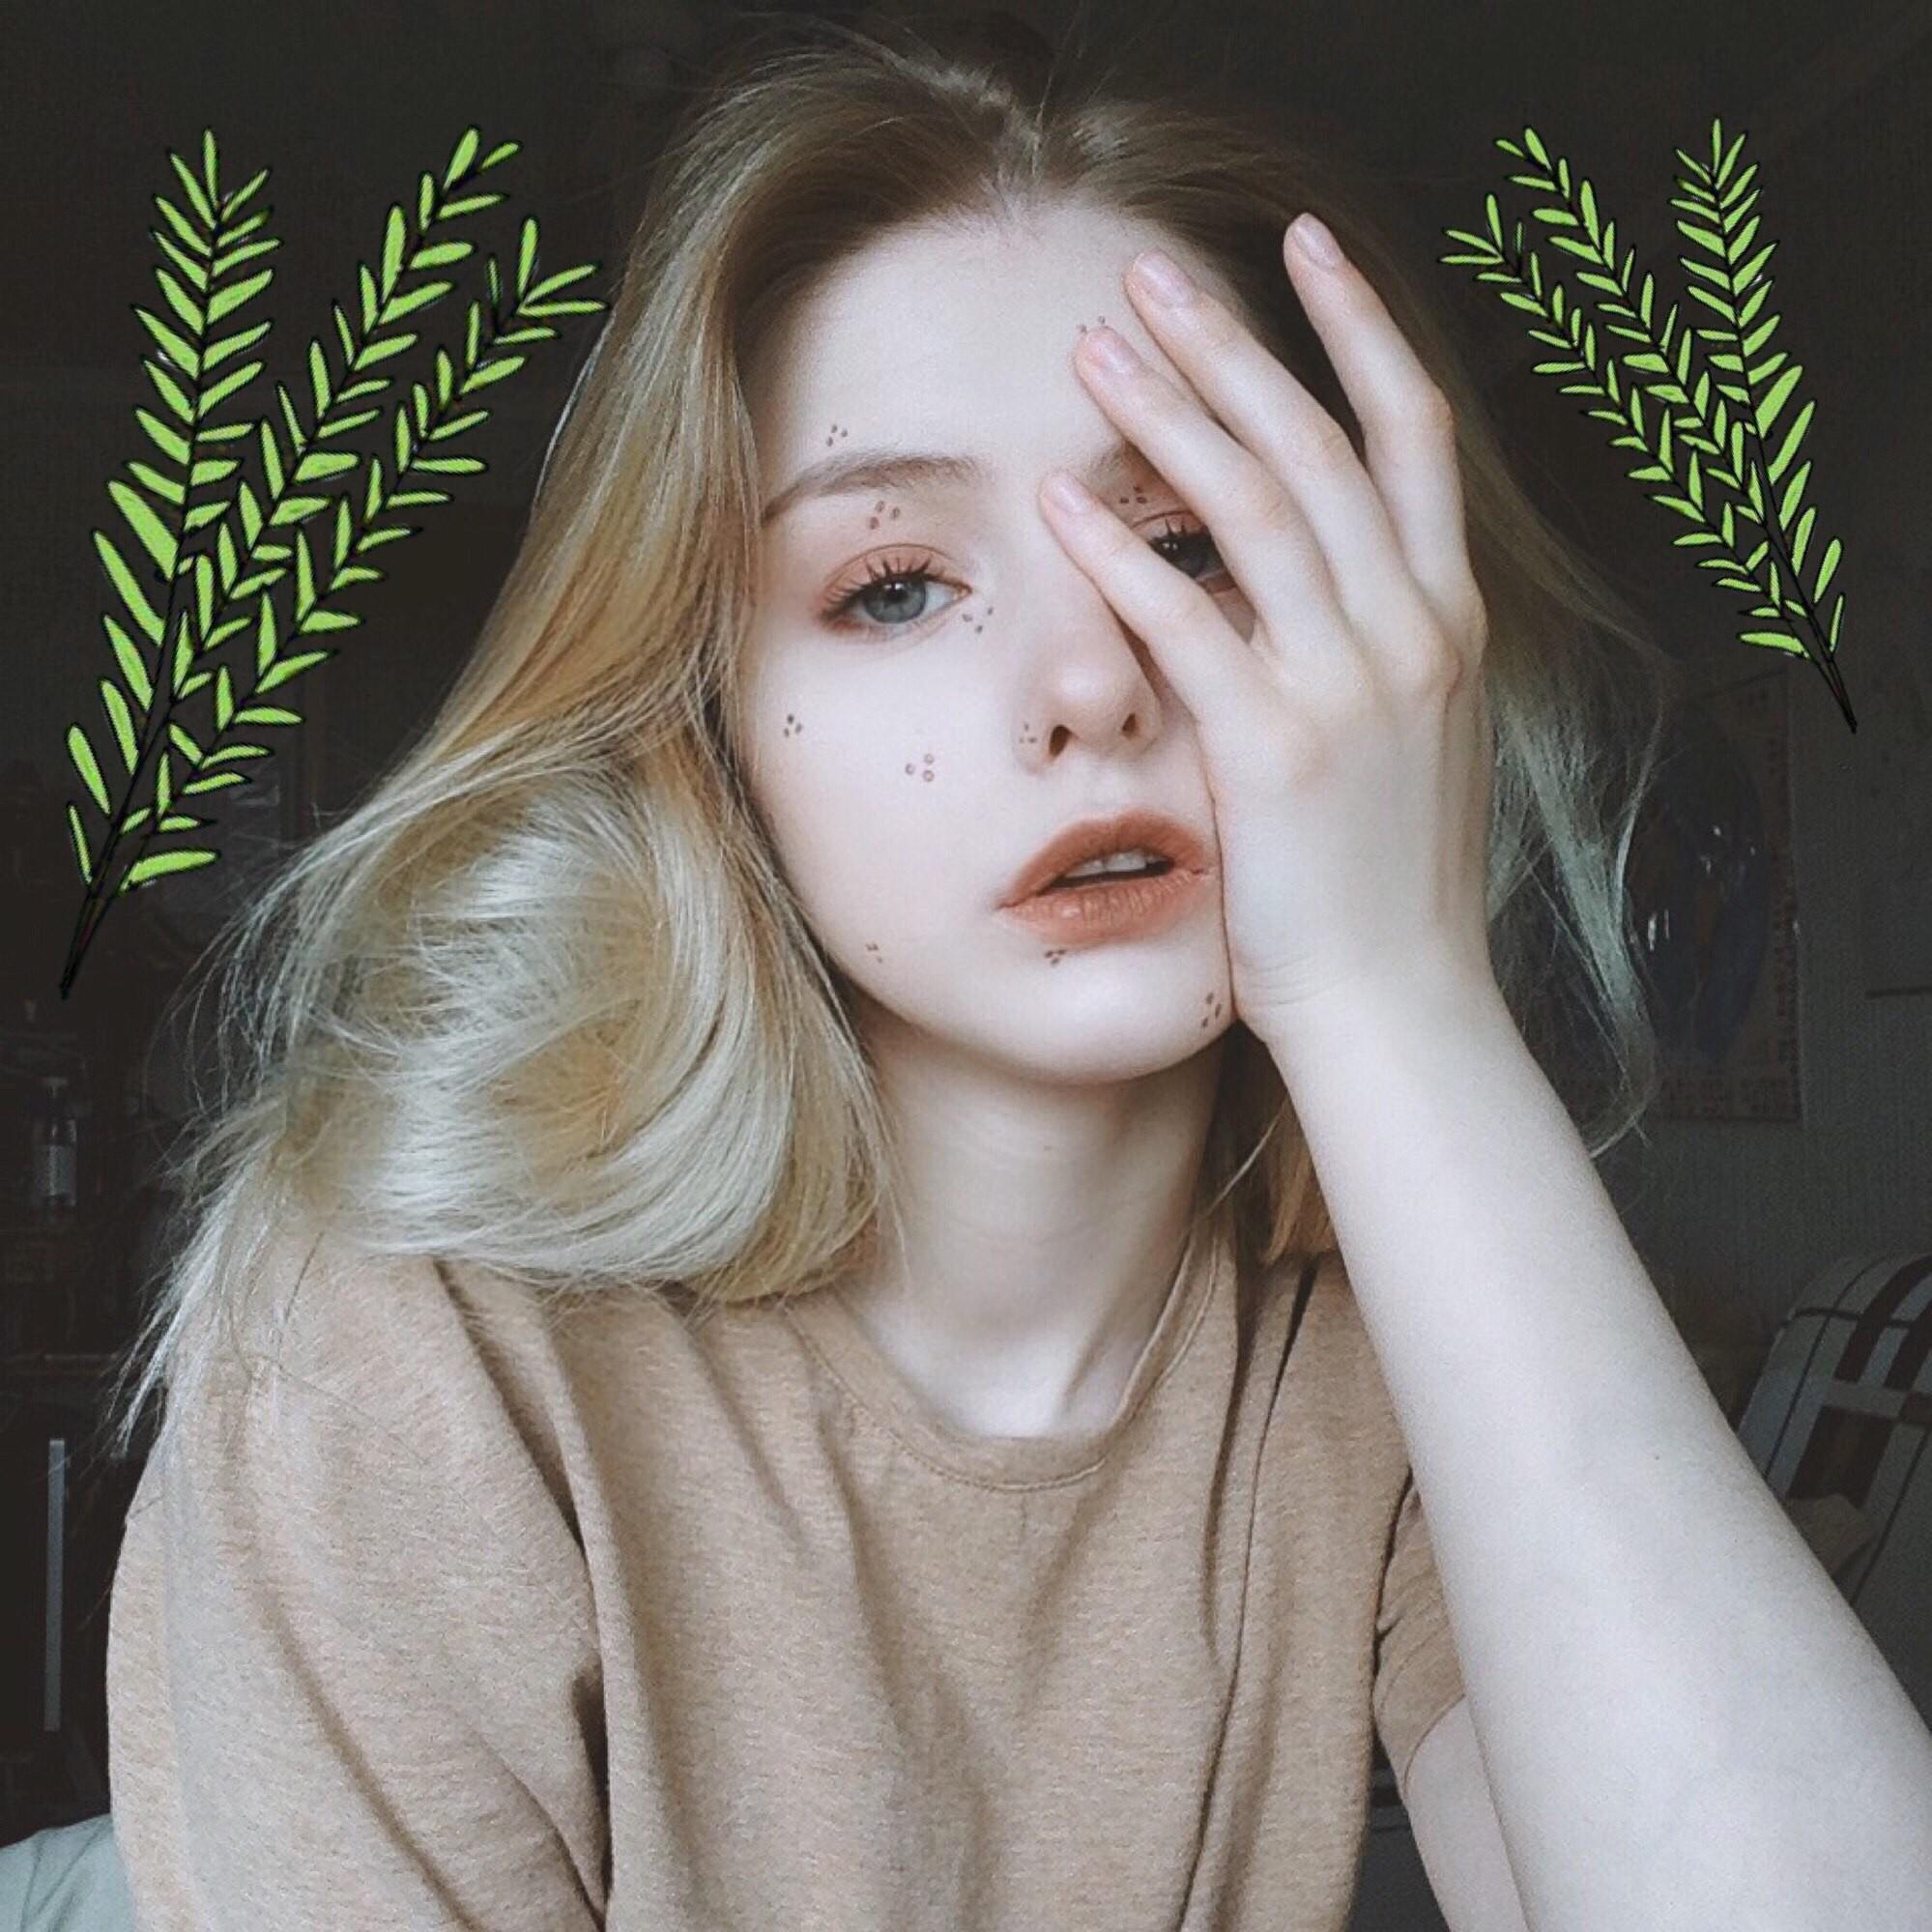 Hot girl Nga 20 tuổi đẹp như thiên thần, vừa cất giọng hát ai cũng nức nở: Người đâu hoàn hảo thế! - Ảnh 9.